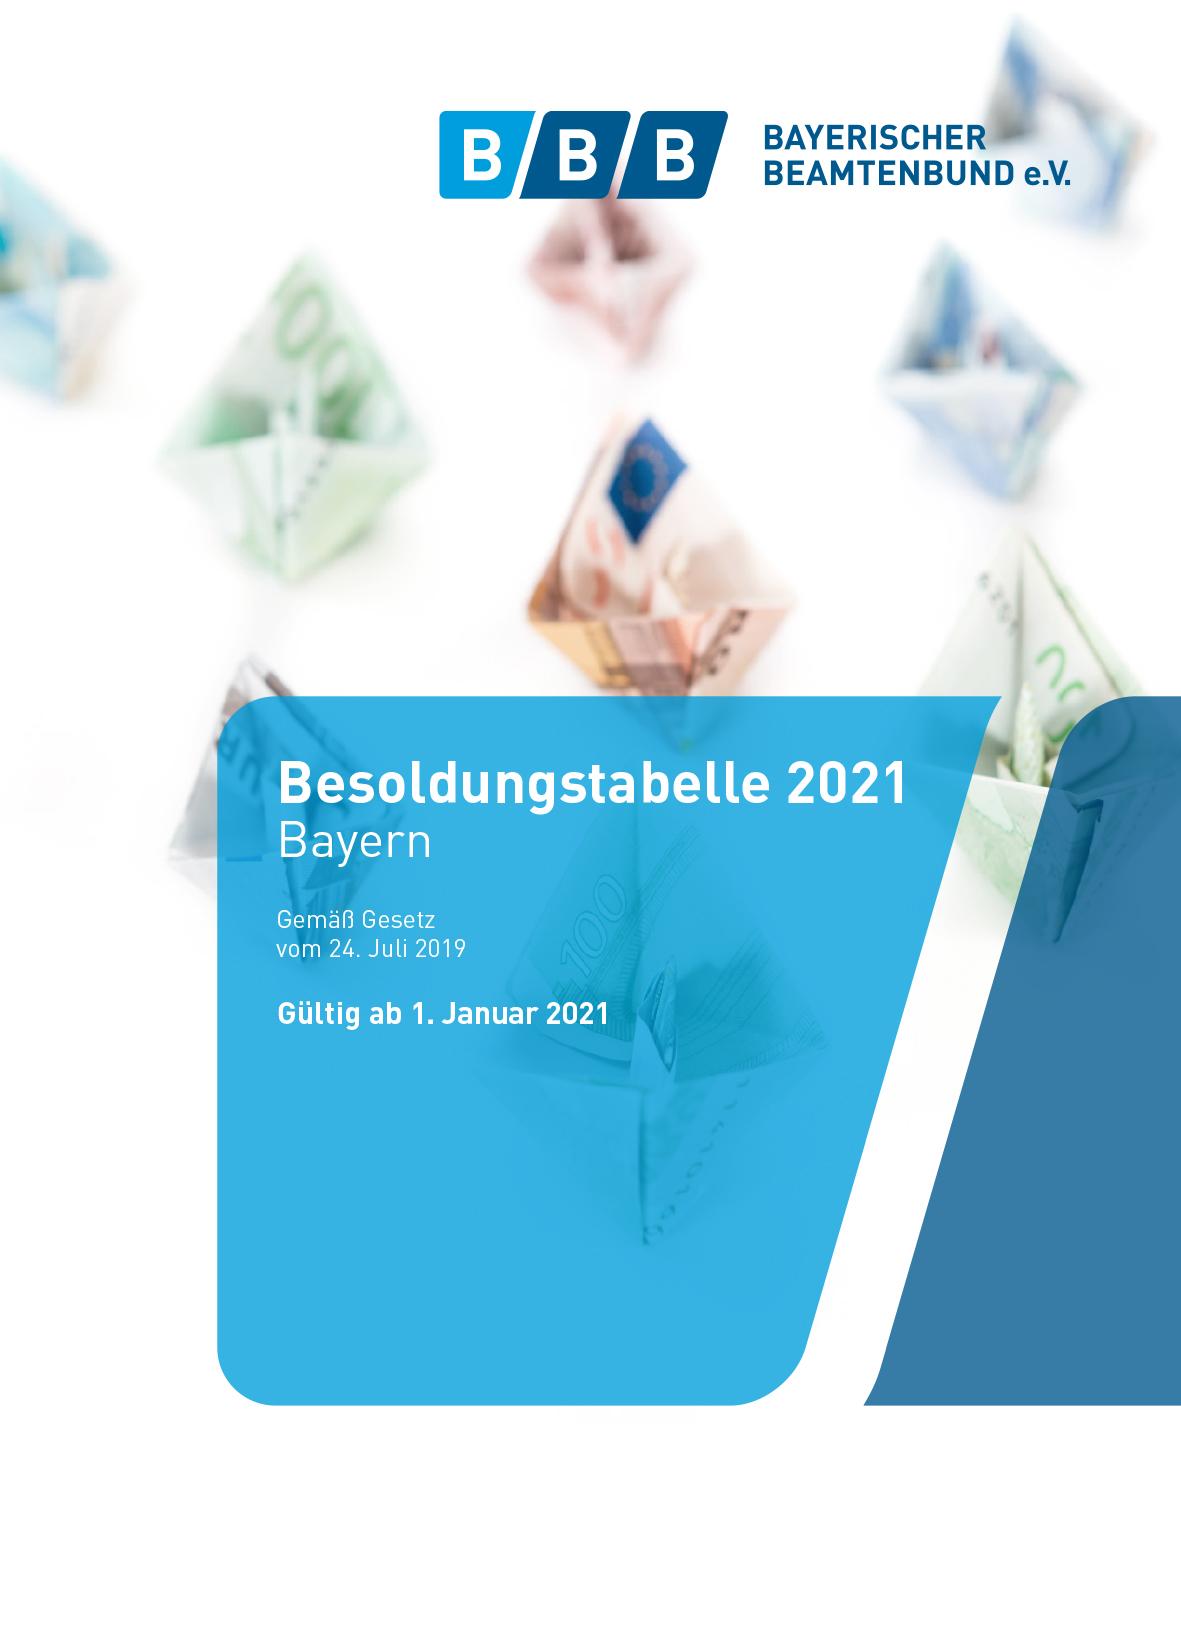 Besoldungstabelle 2021